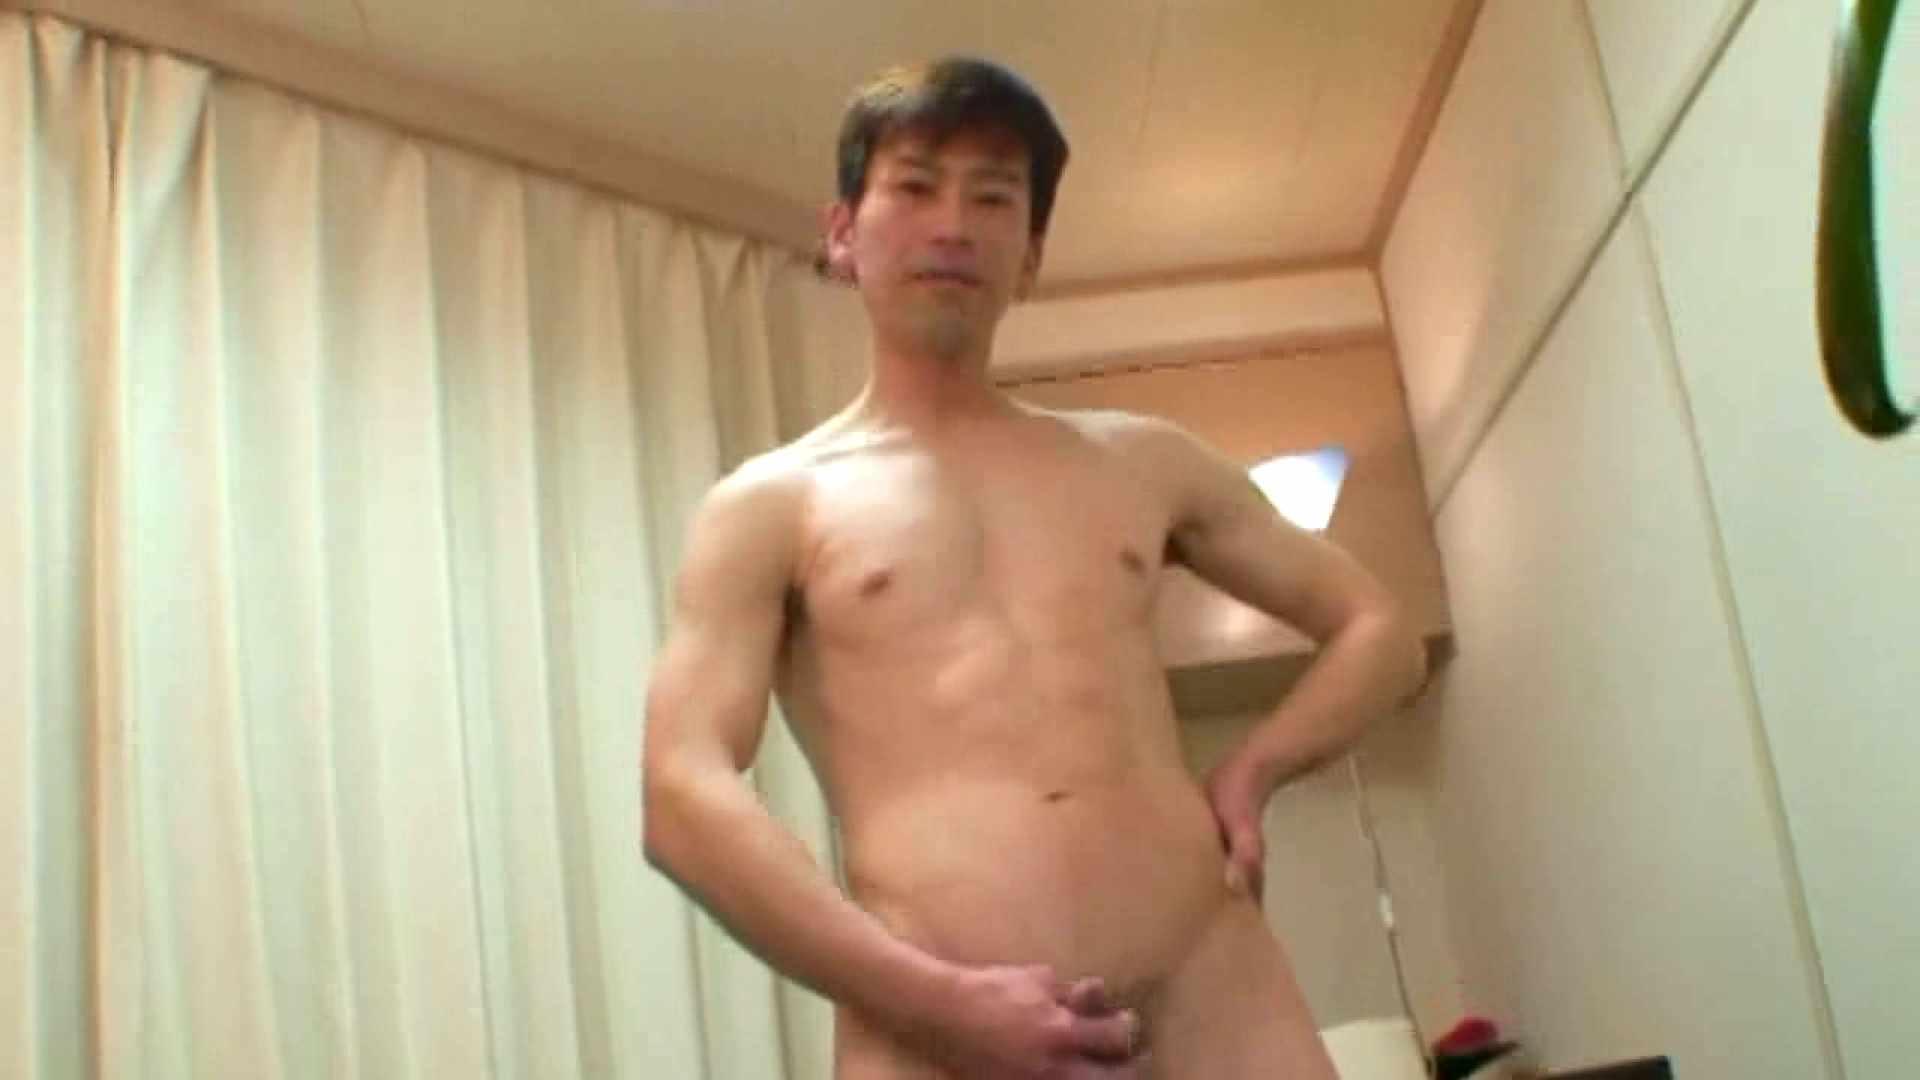 ノンケ!自慰スタジオ No.19 オナニー専門男子 ゲイ射精シーン 65画像 46